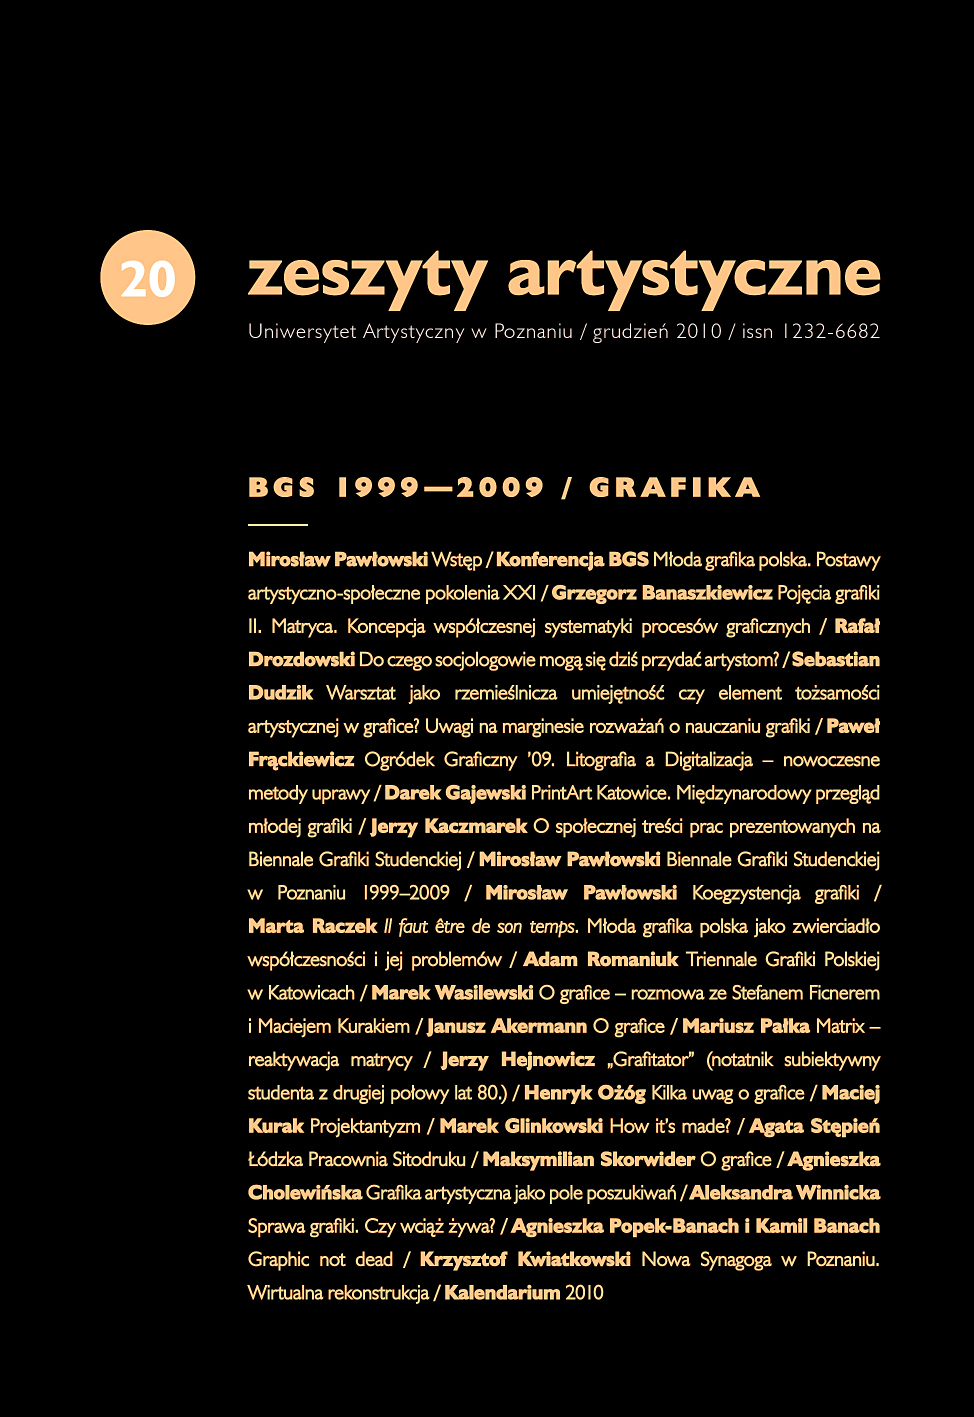 ZA_20_Face